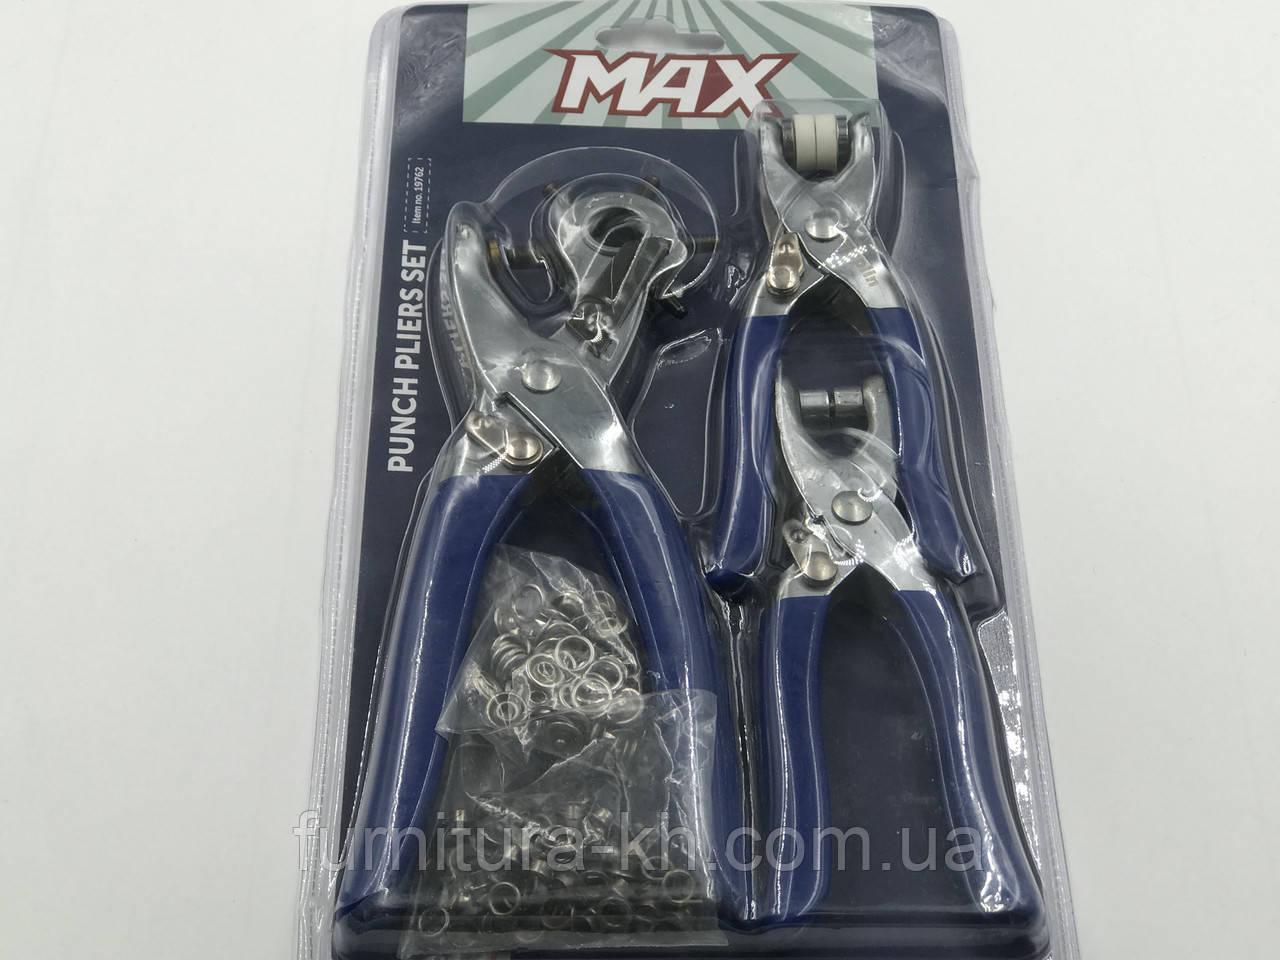 MAX-Набор для пробивания отверстий(Дырокол), установок кнопок и люверсов